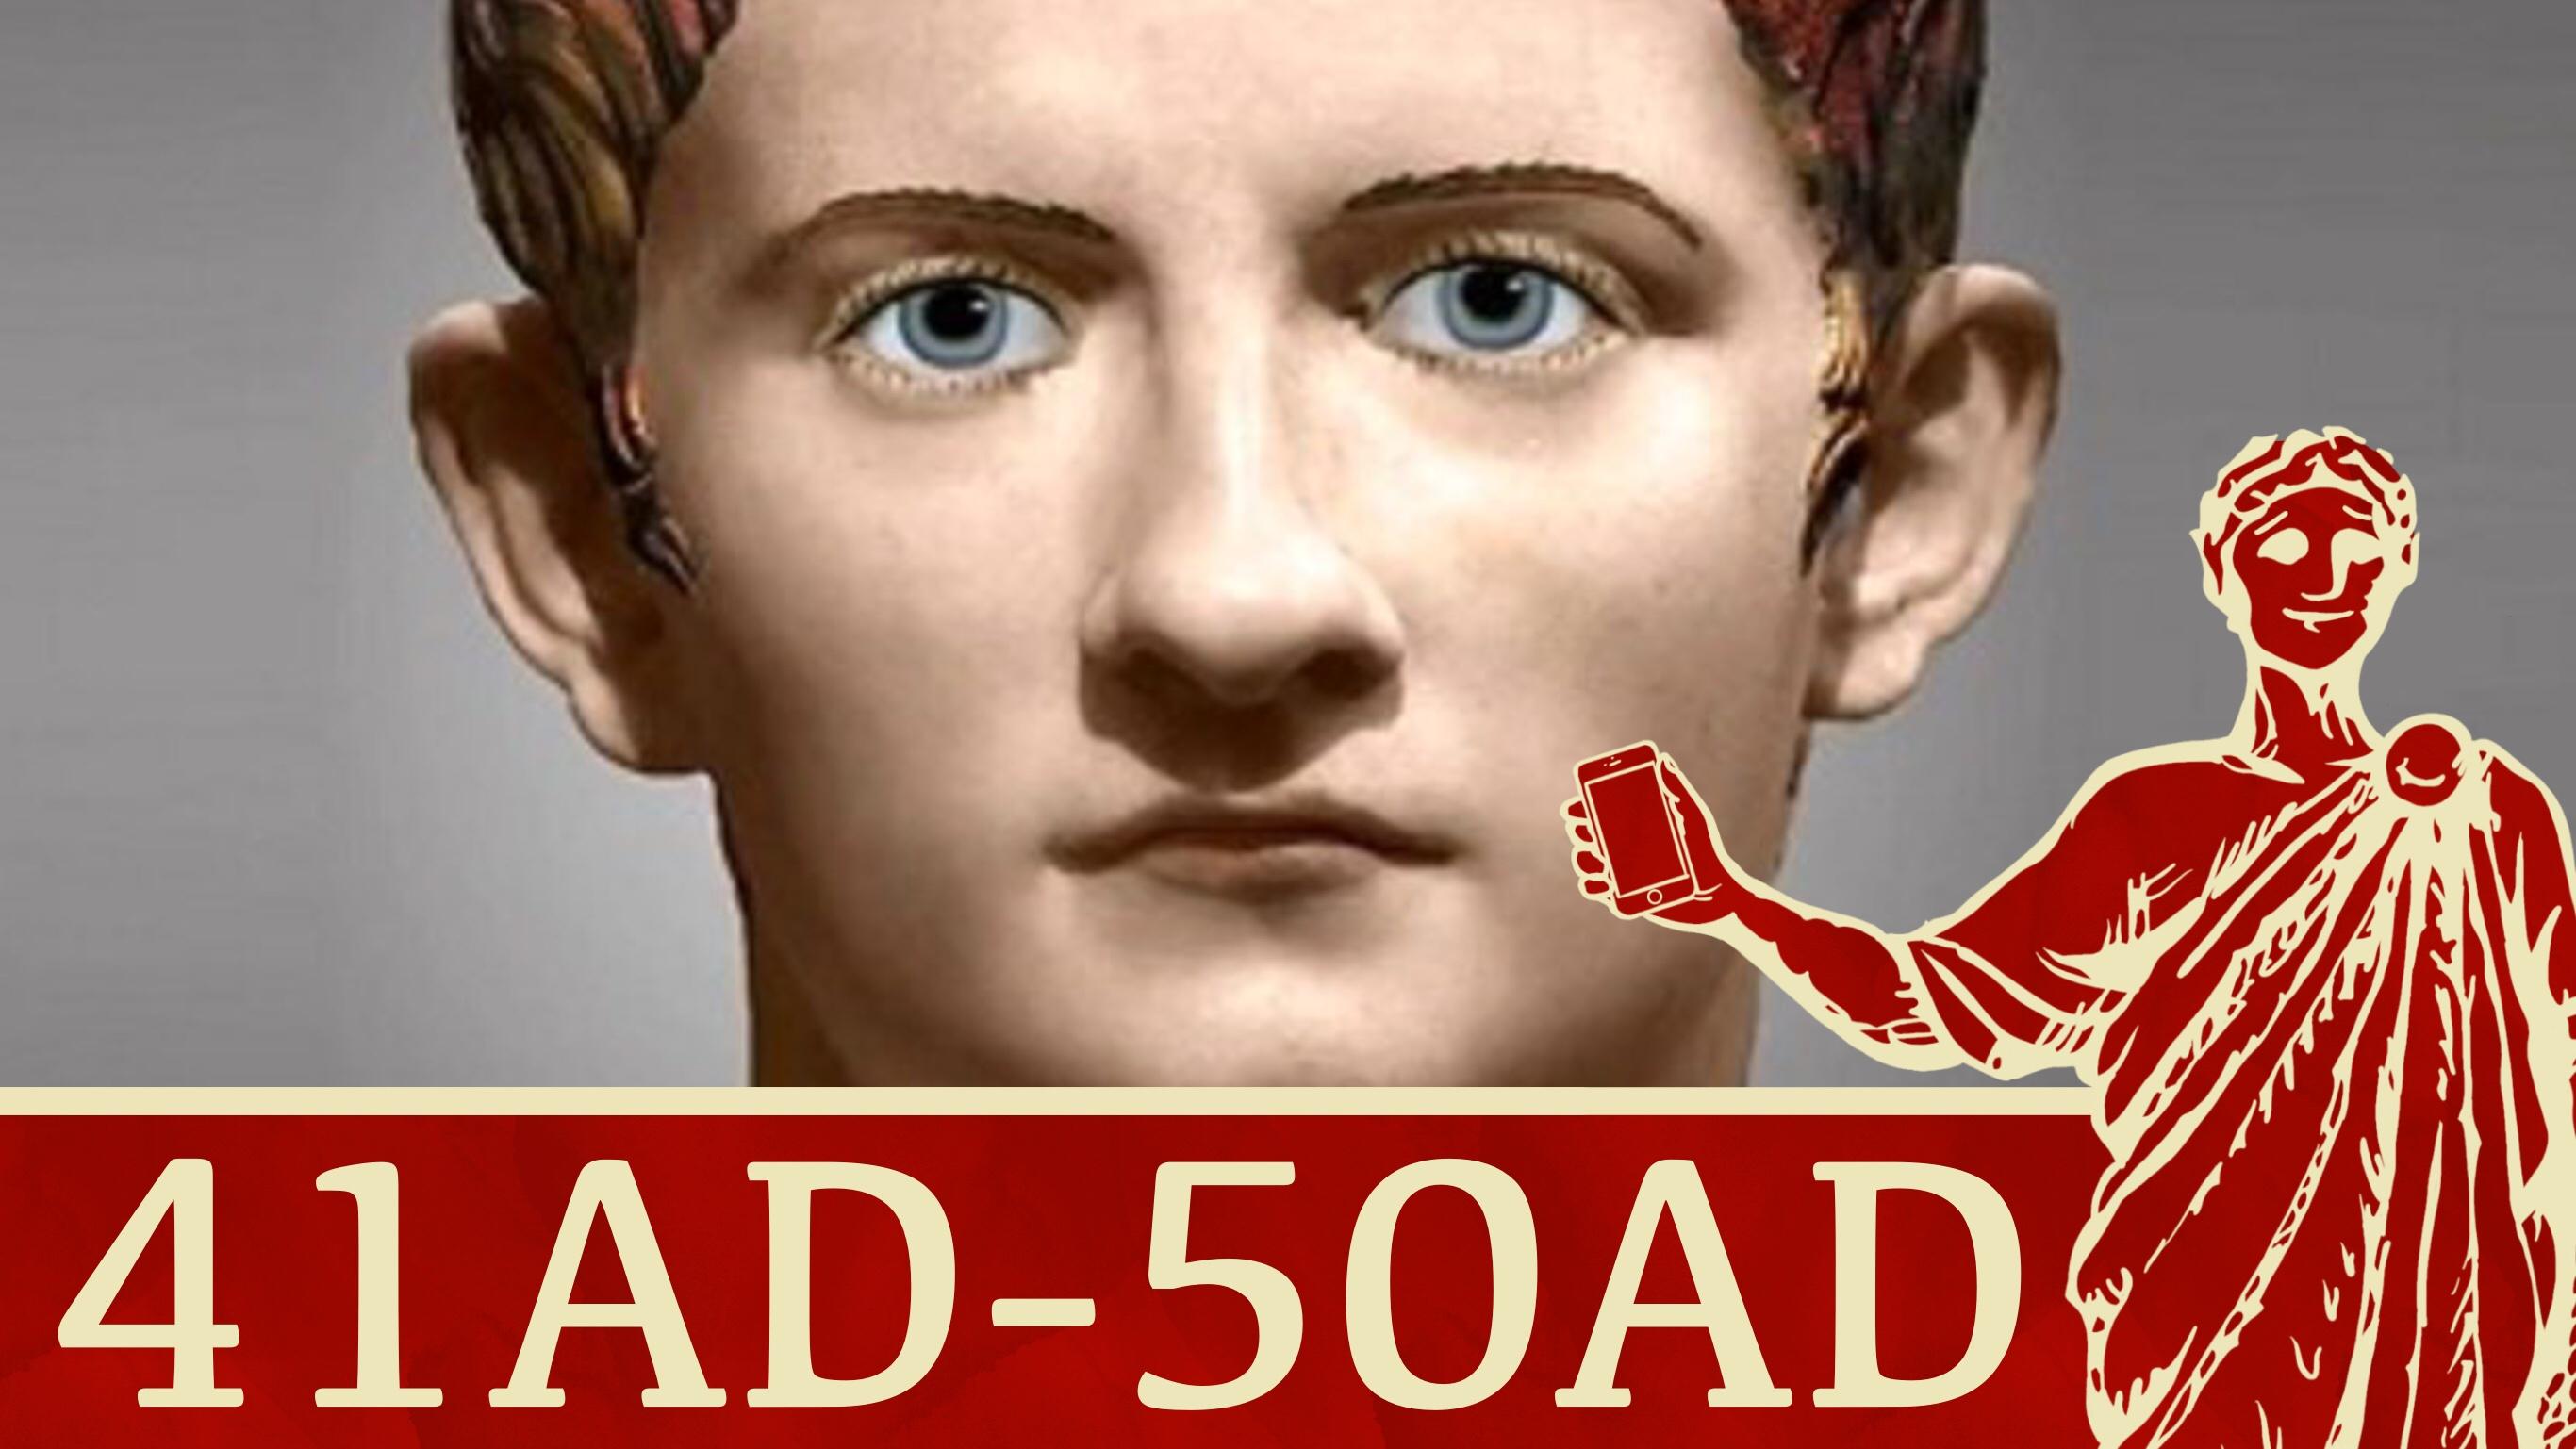 Caligula: The Mad Emperor? & Roman Conquest of Britain